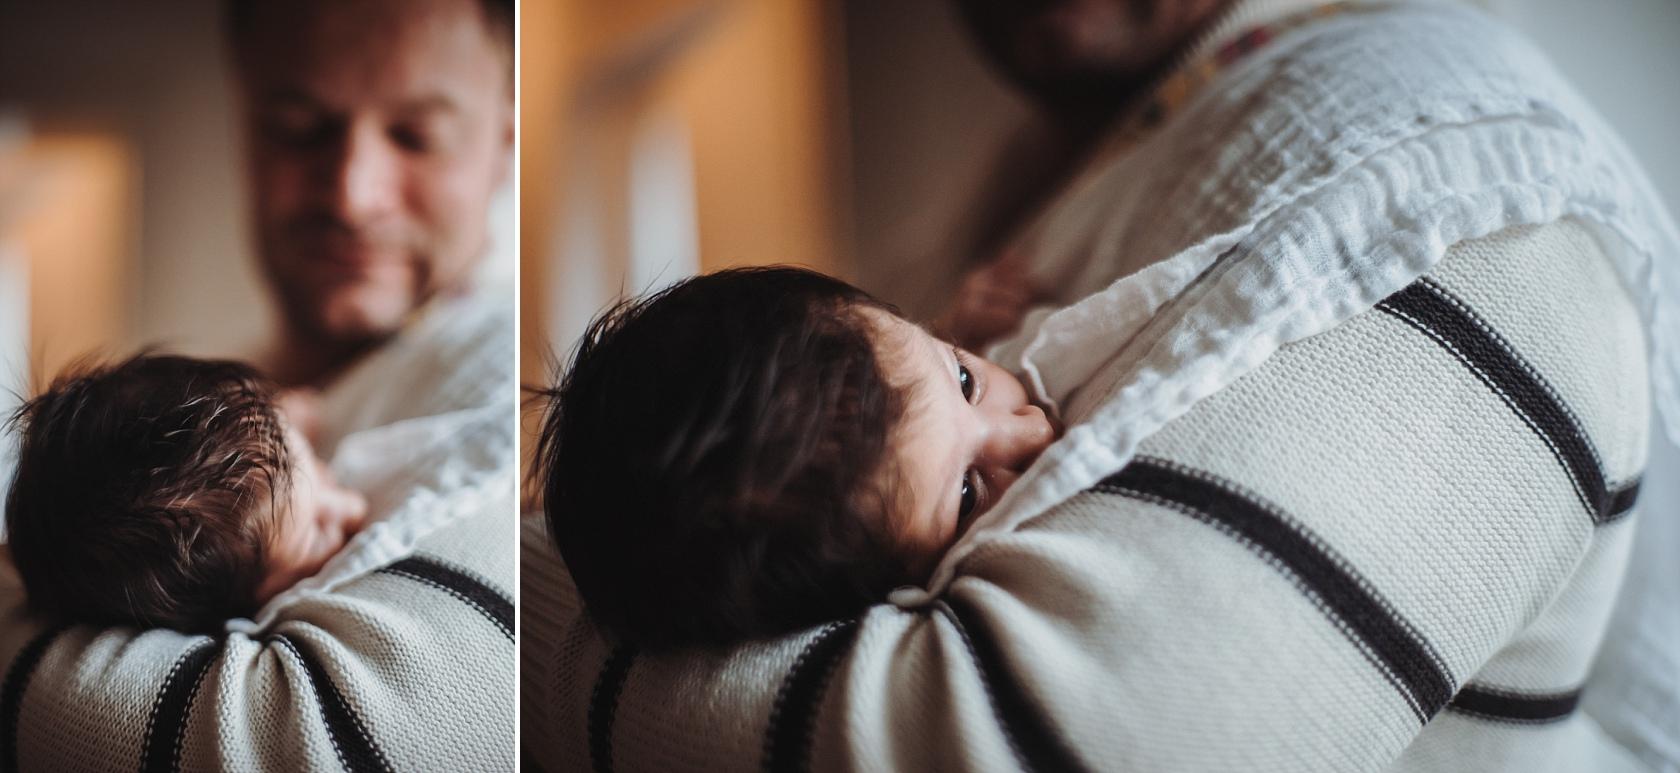 Jahresbegleitung Familienbilder Home Session von Astrid Ebert Fotografie